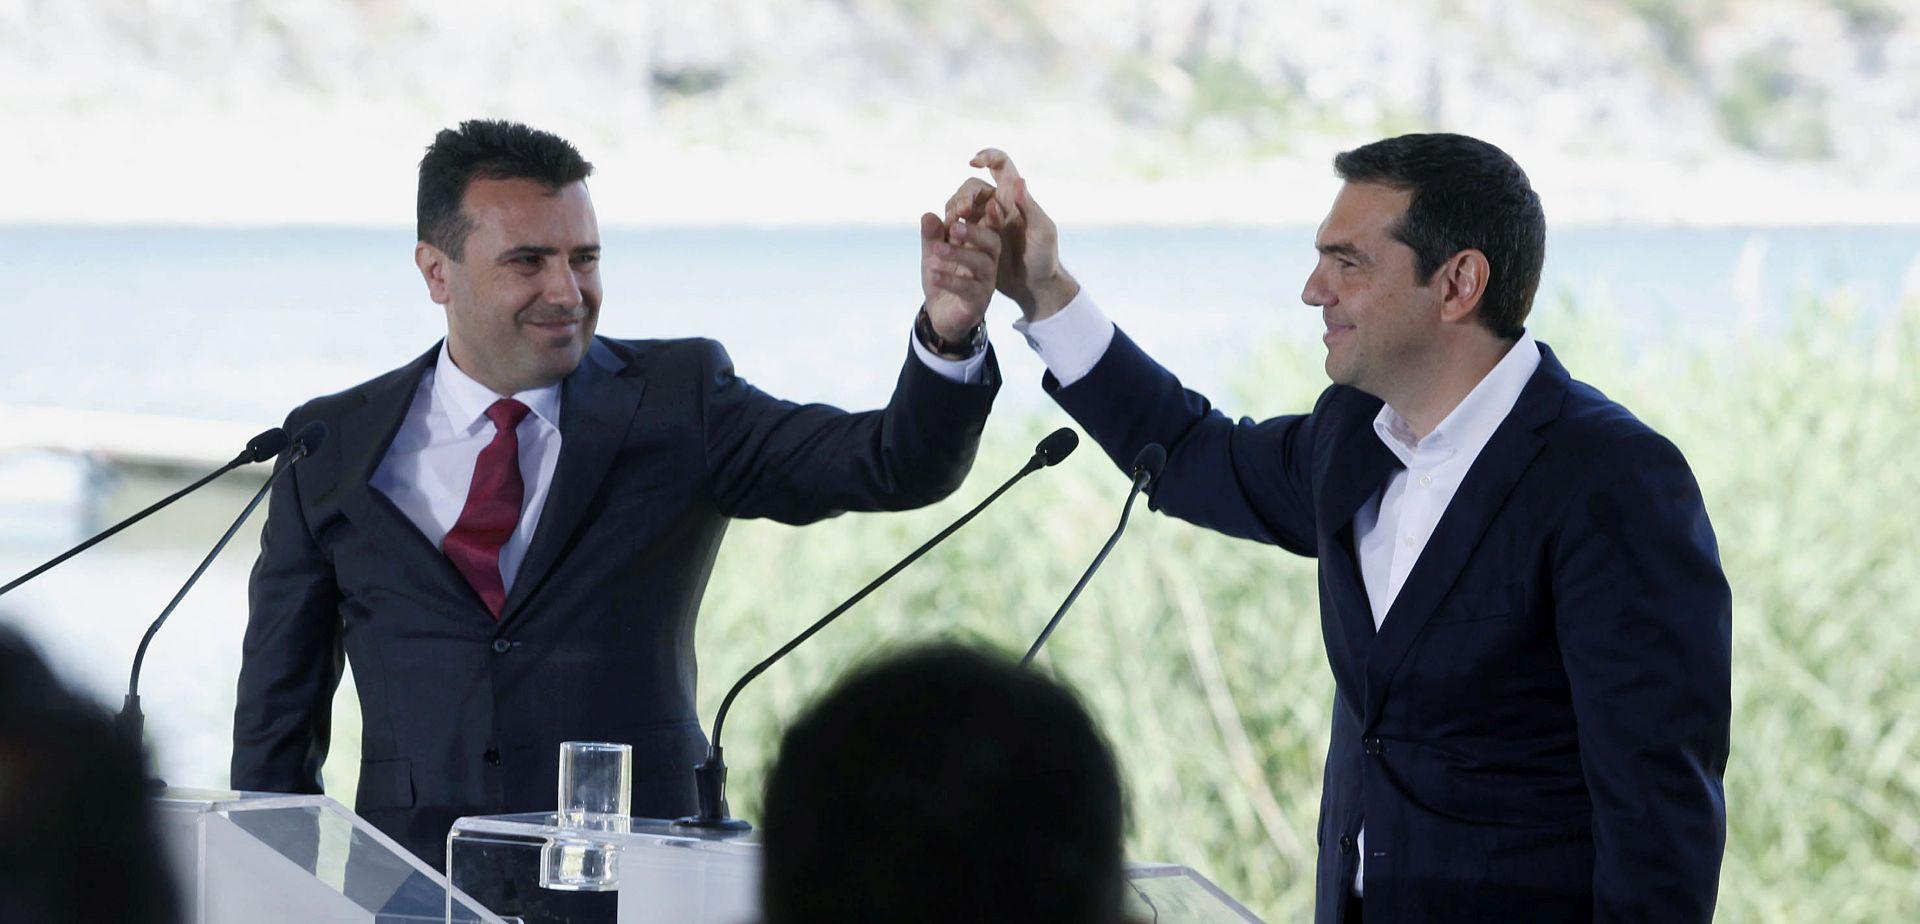 Potpisan povijesni sporazum o promjeni imena Makedonije